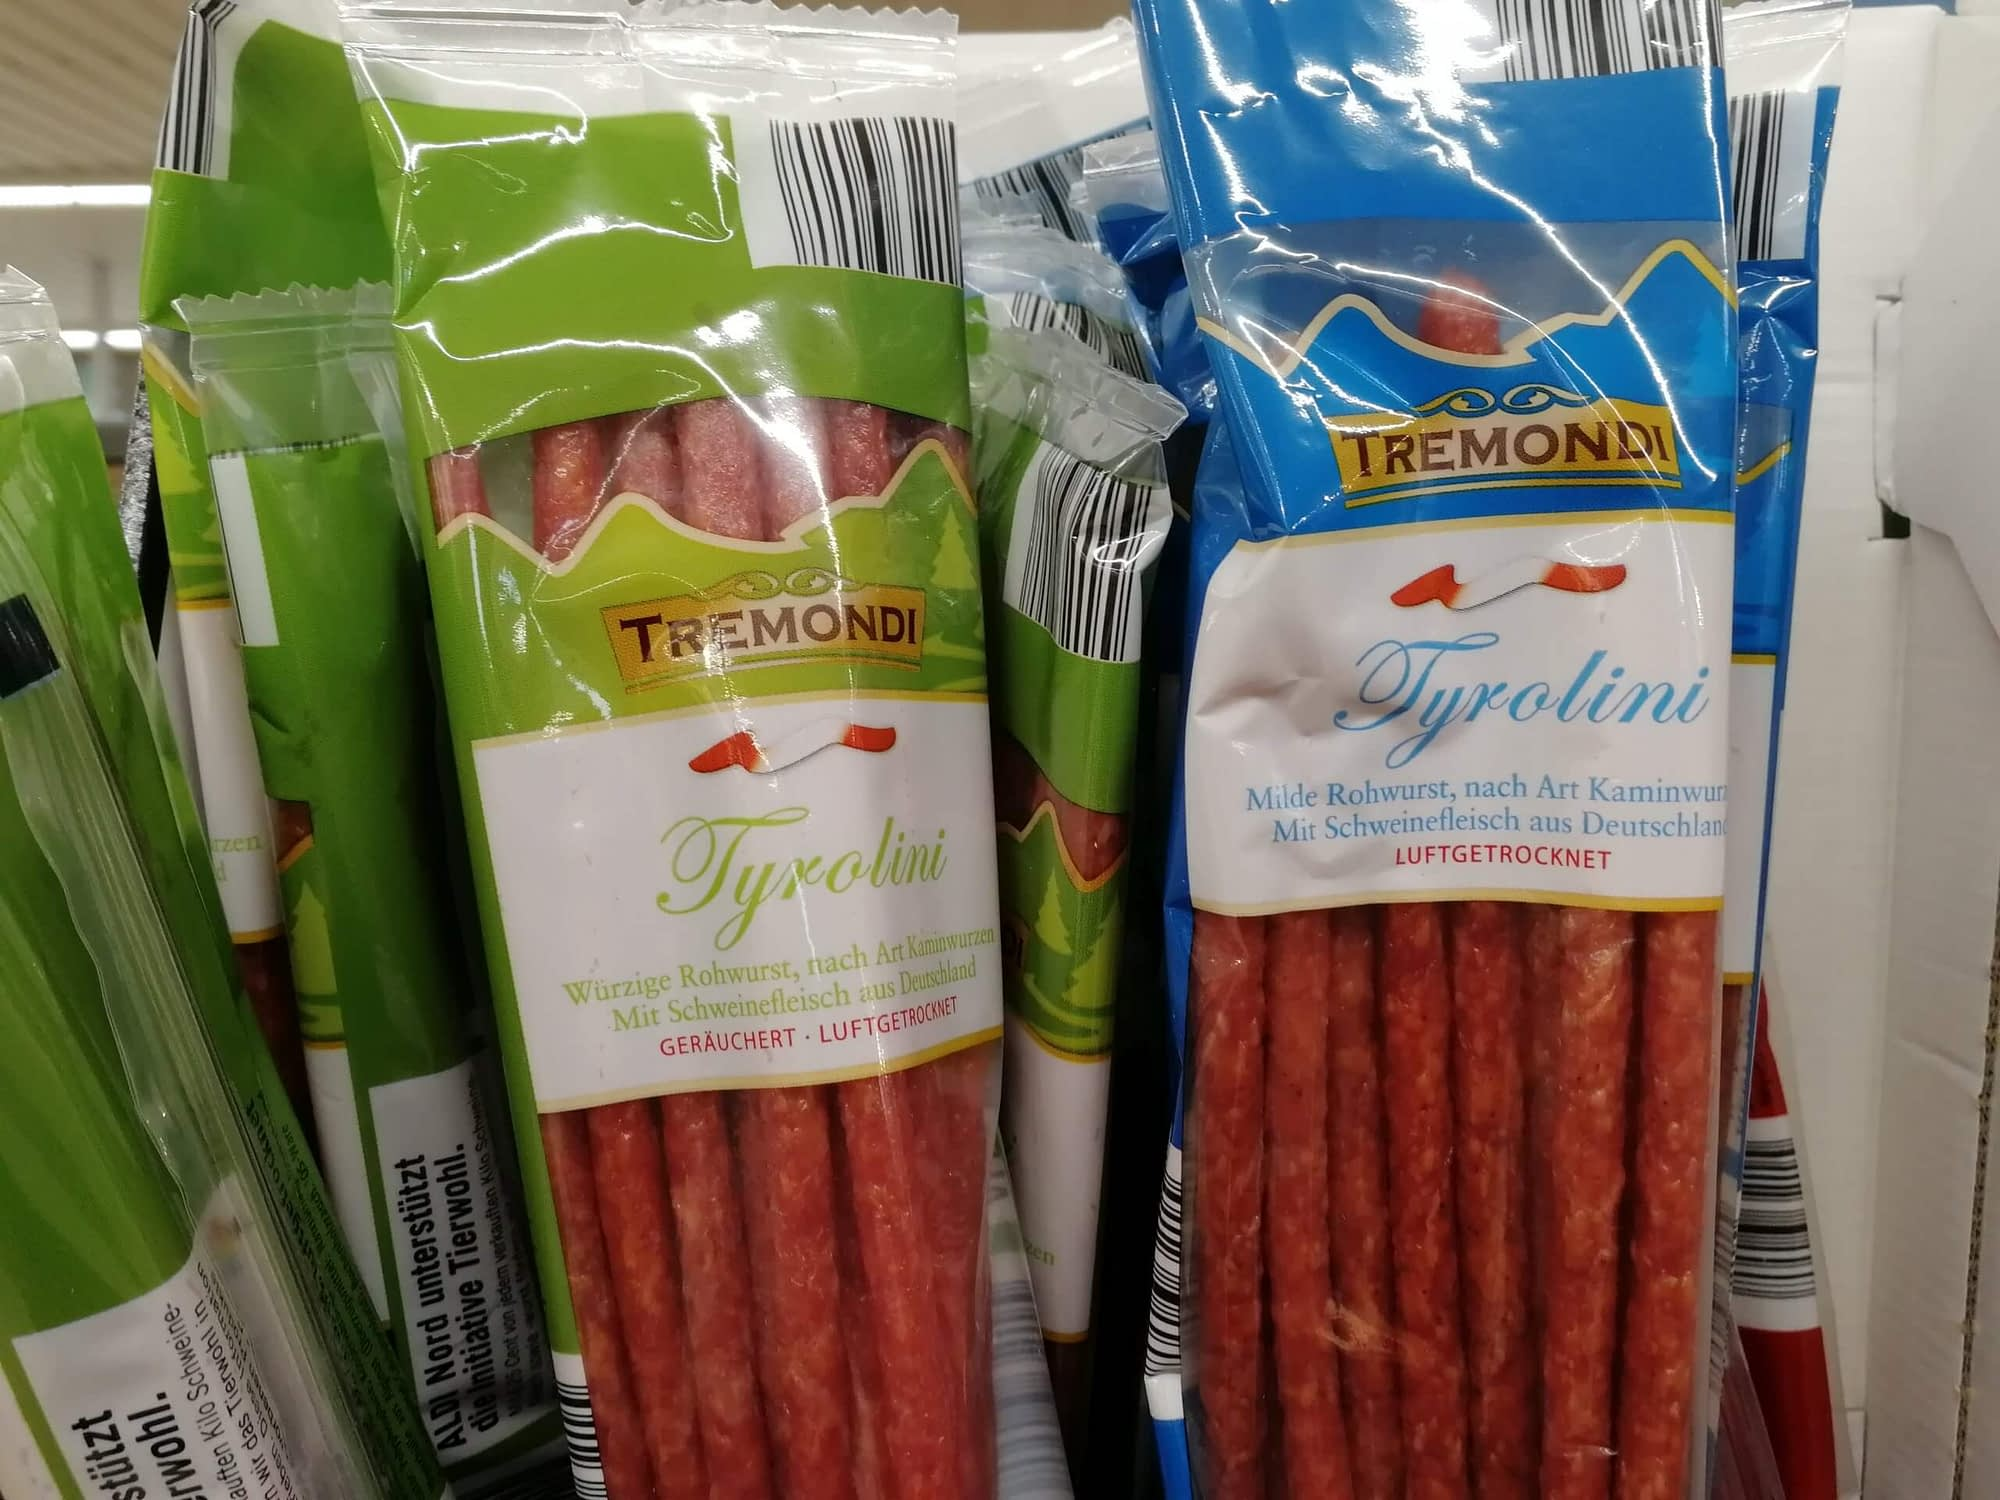 Keto-Snack-Aldi-Tyrolini-Beef-Jerky